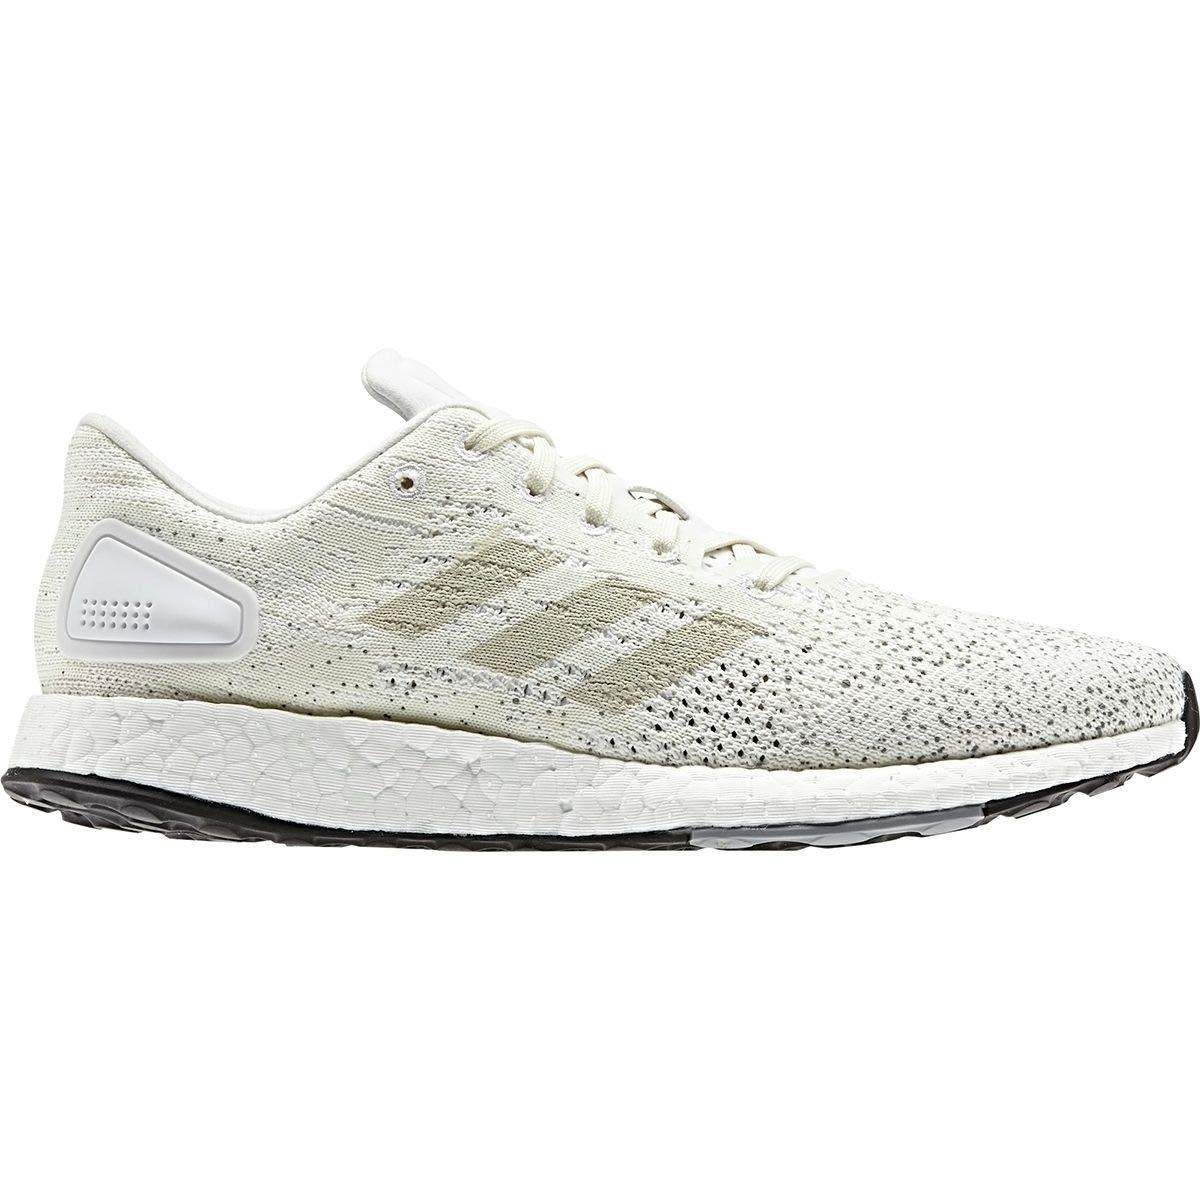 【新発売】 [アディダス] [アディダス] レディース ランニング Pureboost DPR [並行輸入品] Running Shoe B07P41PG19 [並行輸入品] B07P41PG19 11, ジャストオーダー:28e07f01 --- mail.afisc.net